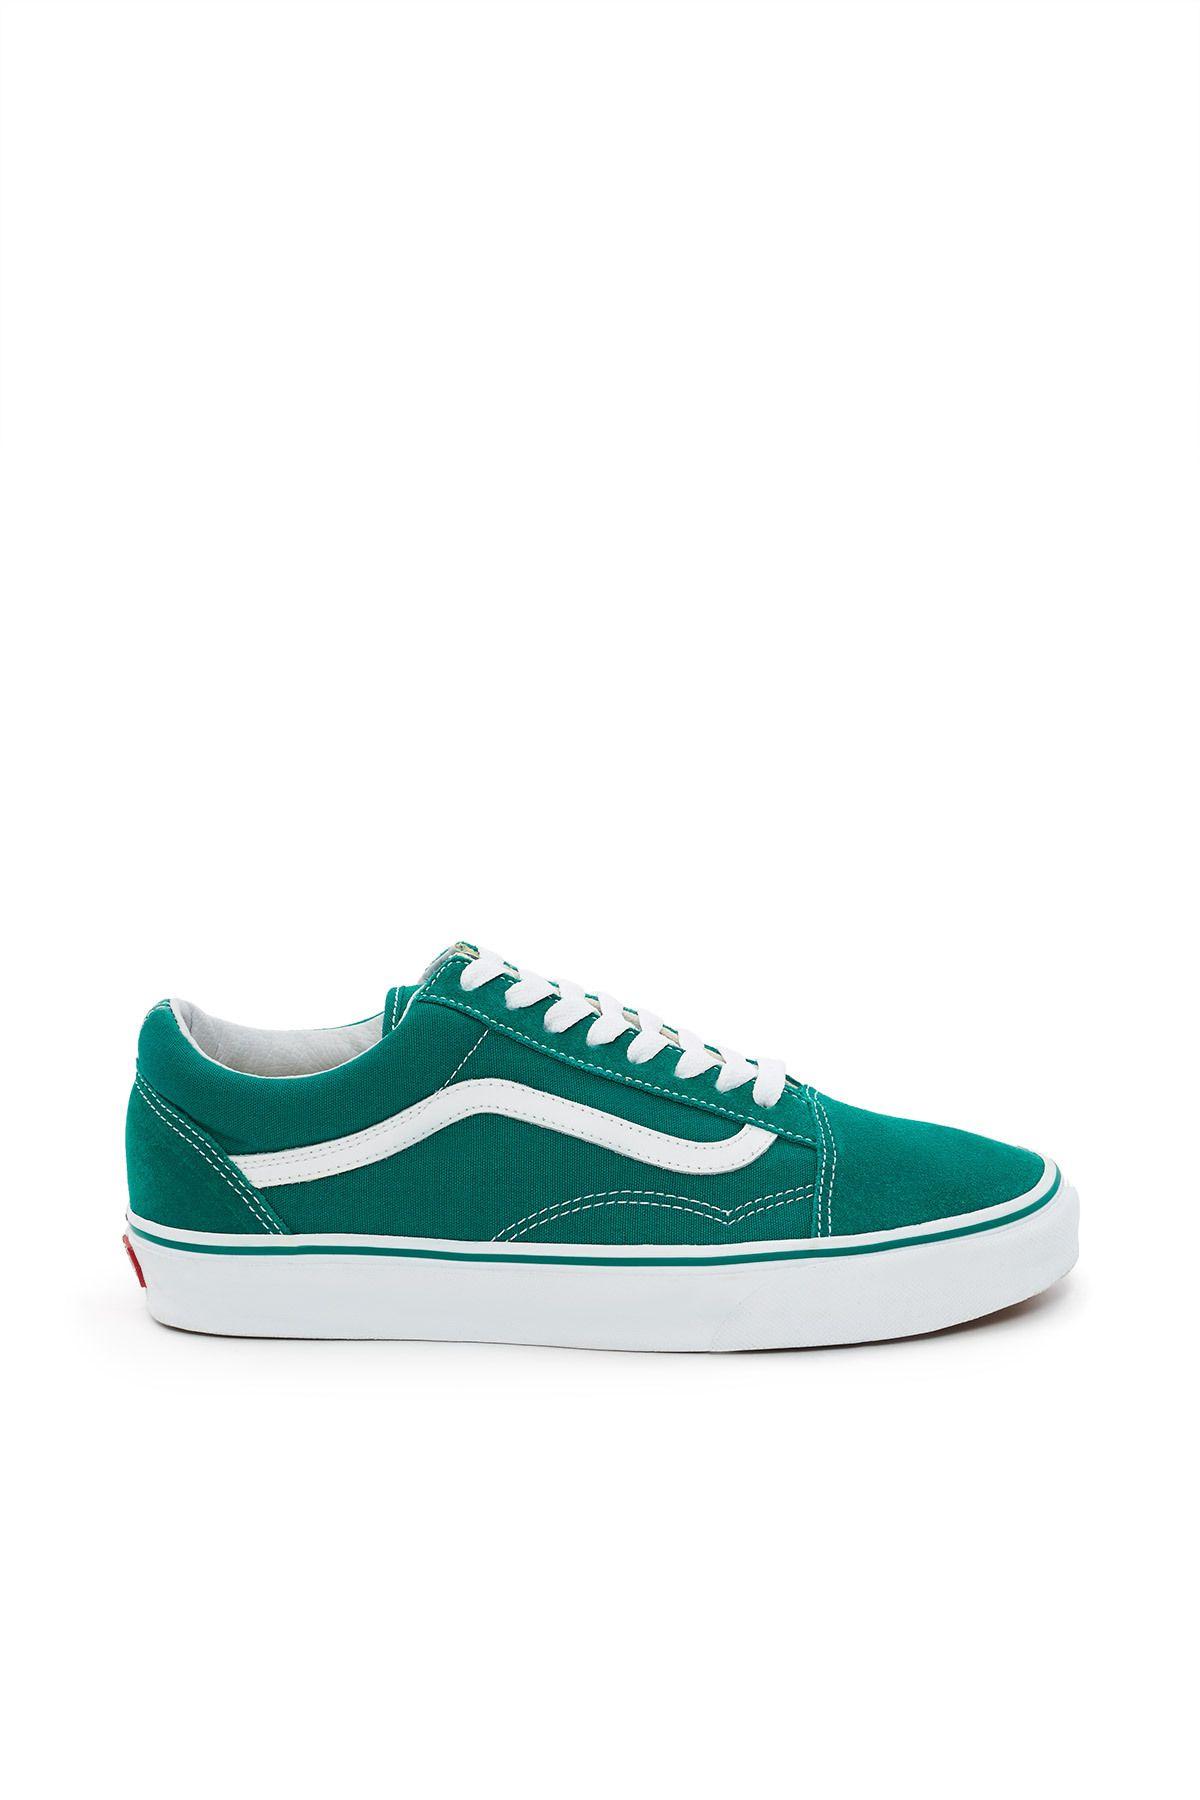 Vans, Old Skool Sneaker As one of the